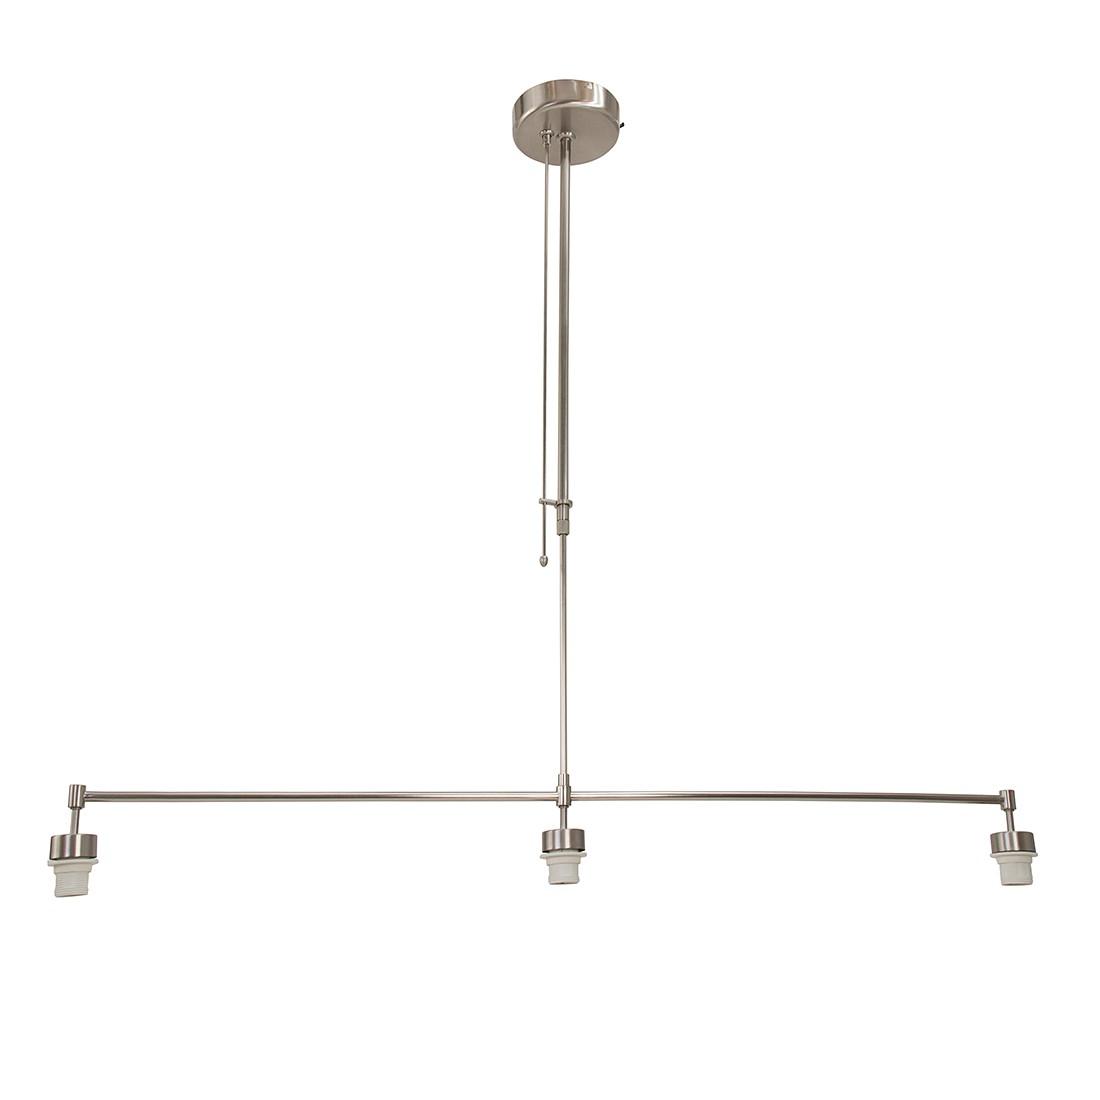 energie  A++, Hanglamp armatuur Gramineus - 3 lichtbronnen mat nikkelkleurig, Steinhauer